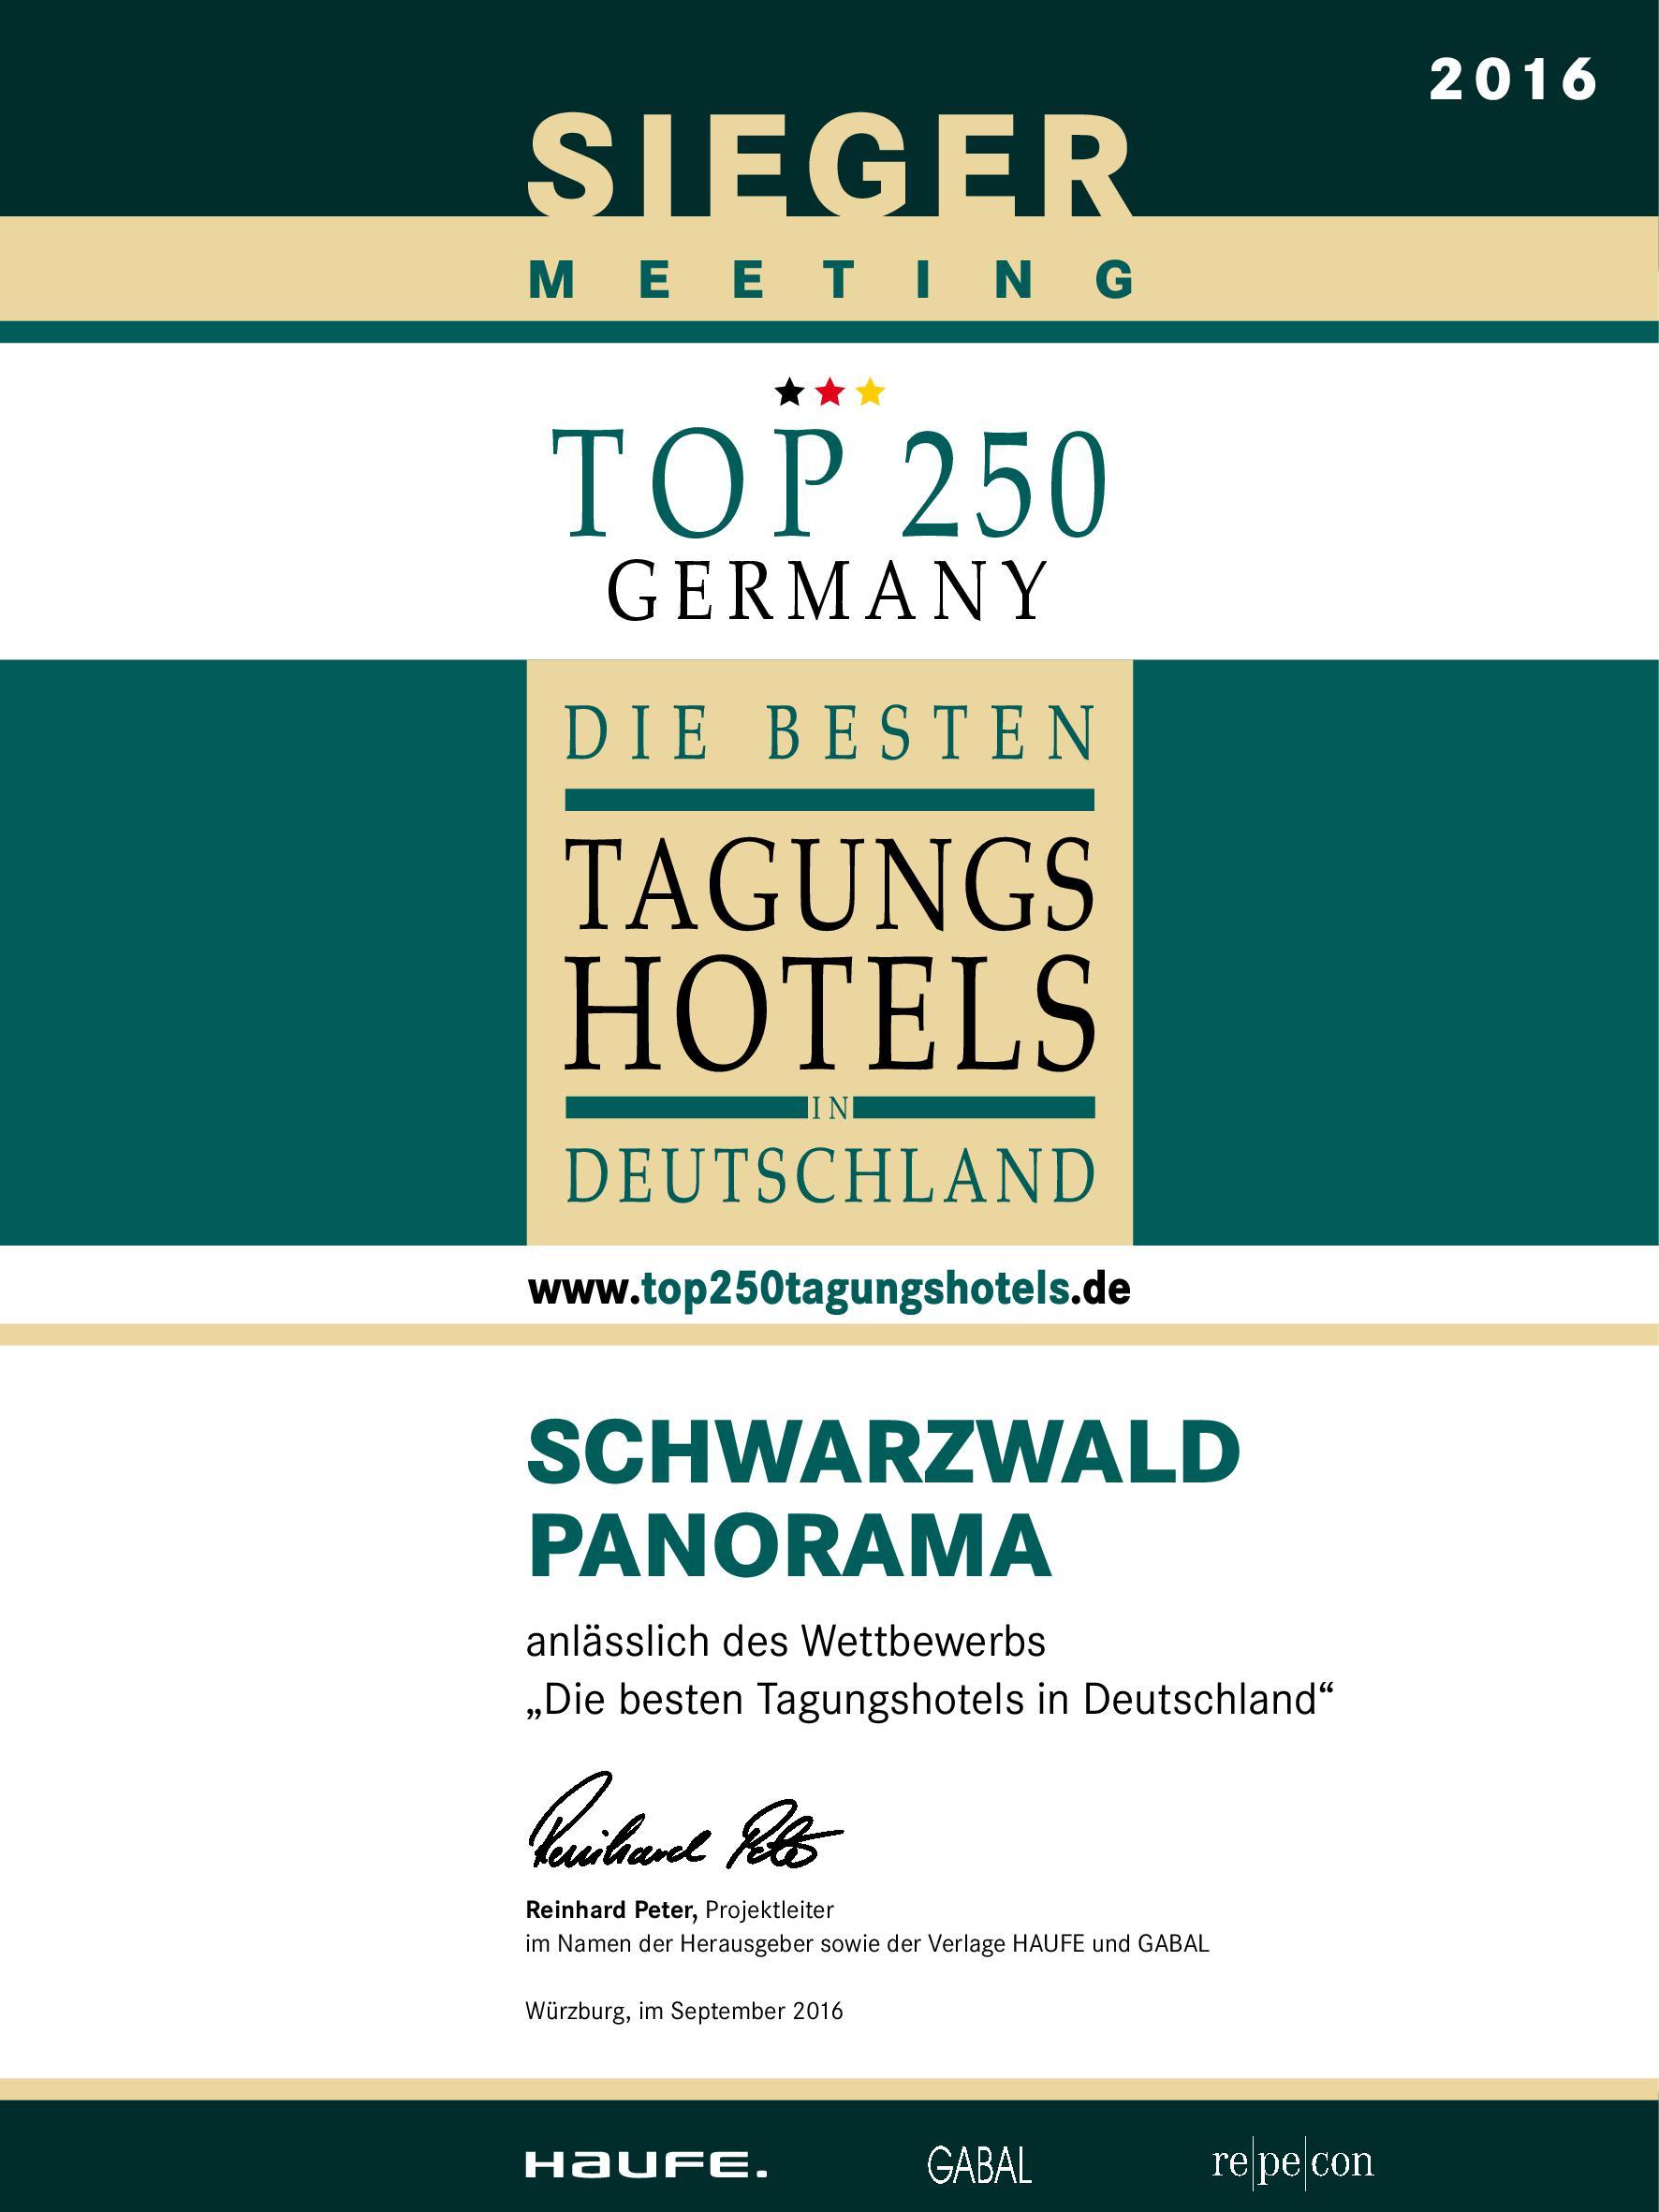 Zertifikat Top Tagungshotels Deutschland 2016 vom Schwarzwald Panorama - Sieger in der Kategorie Meeting